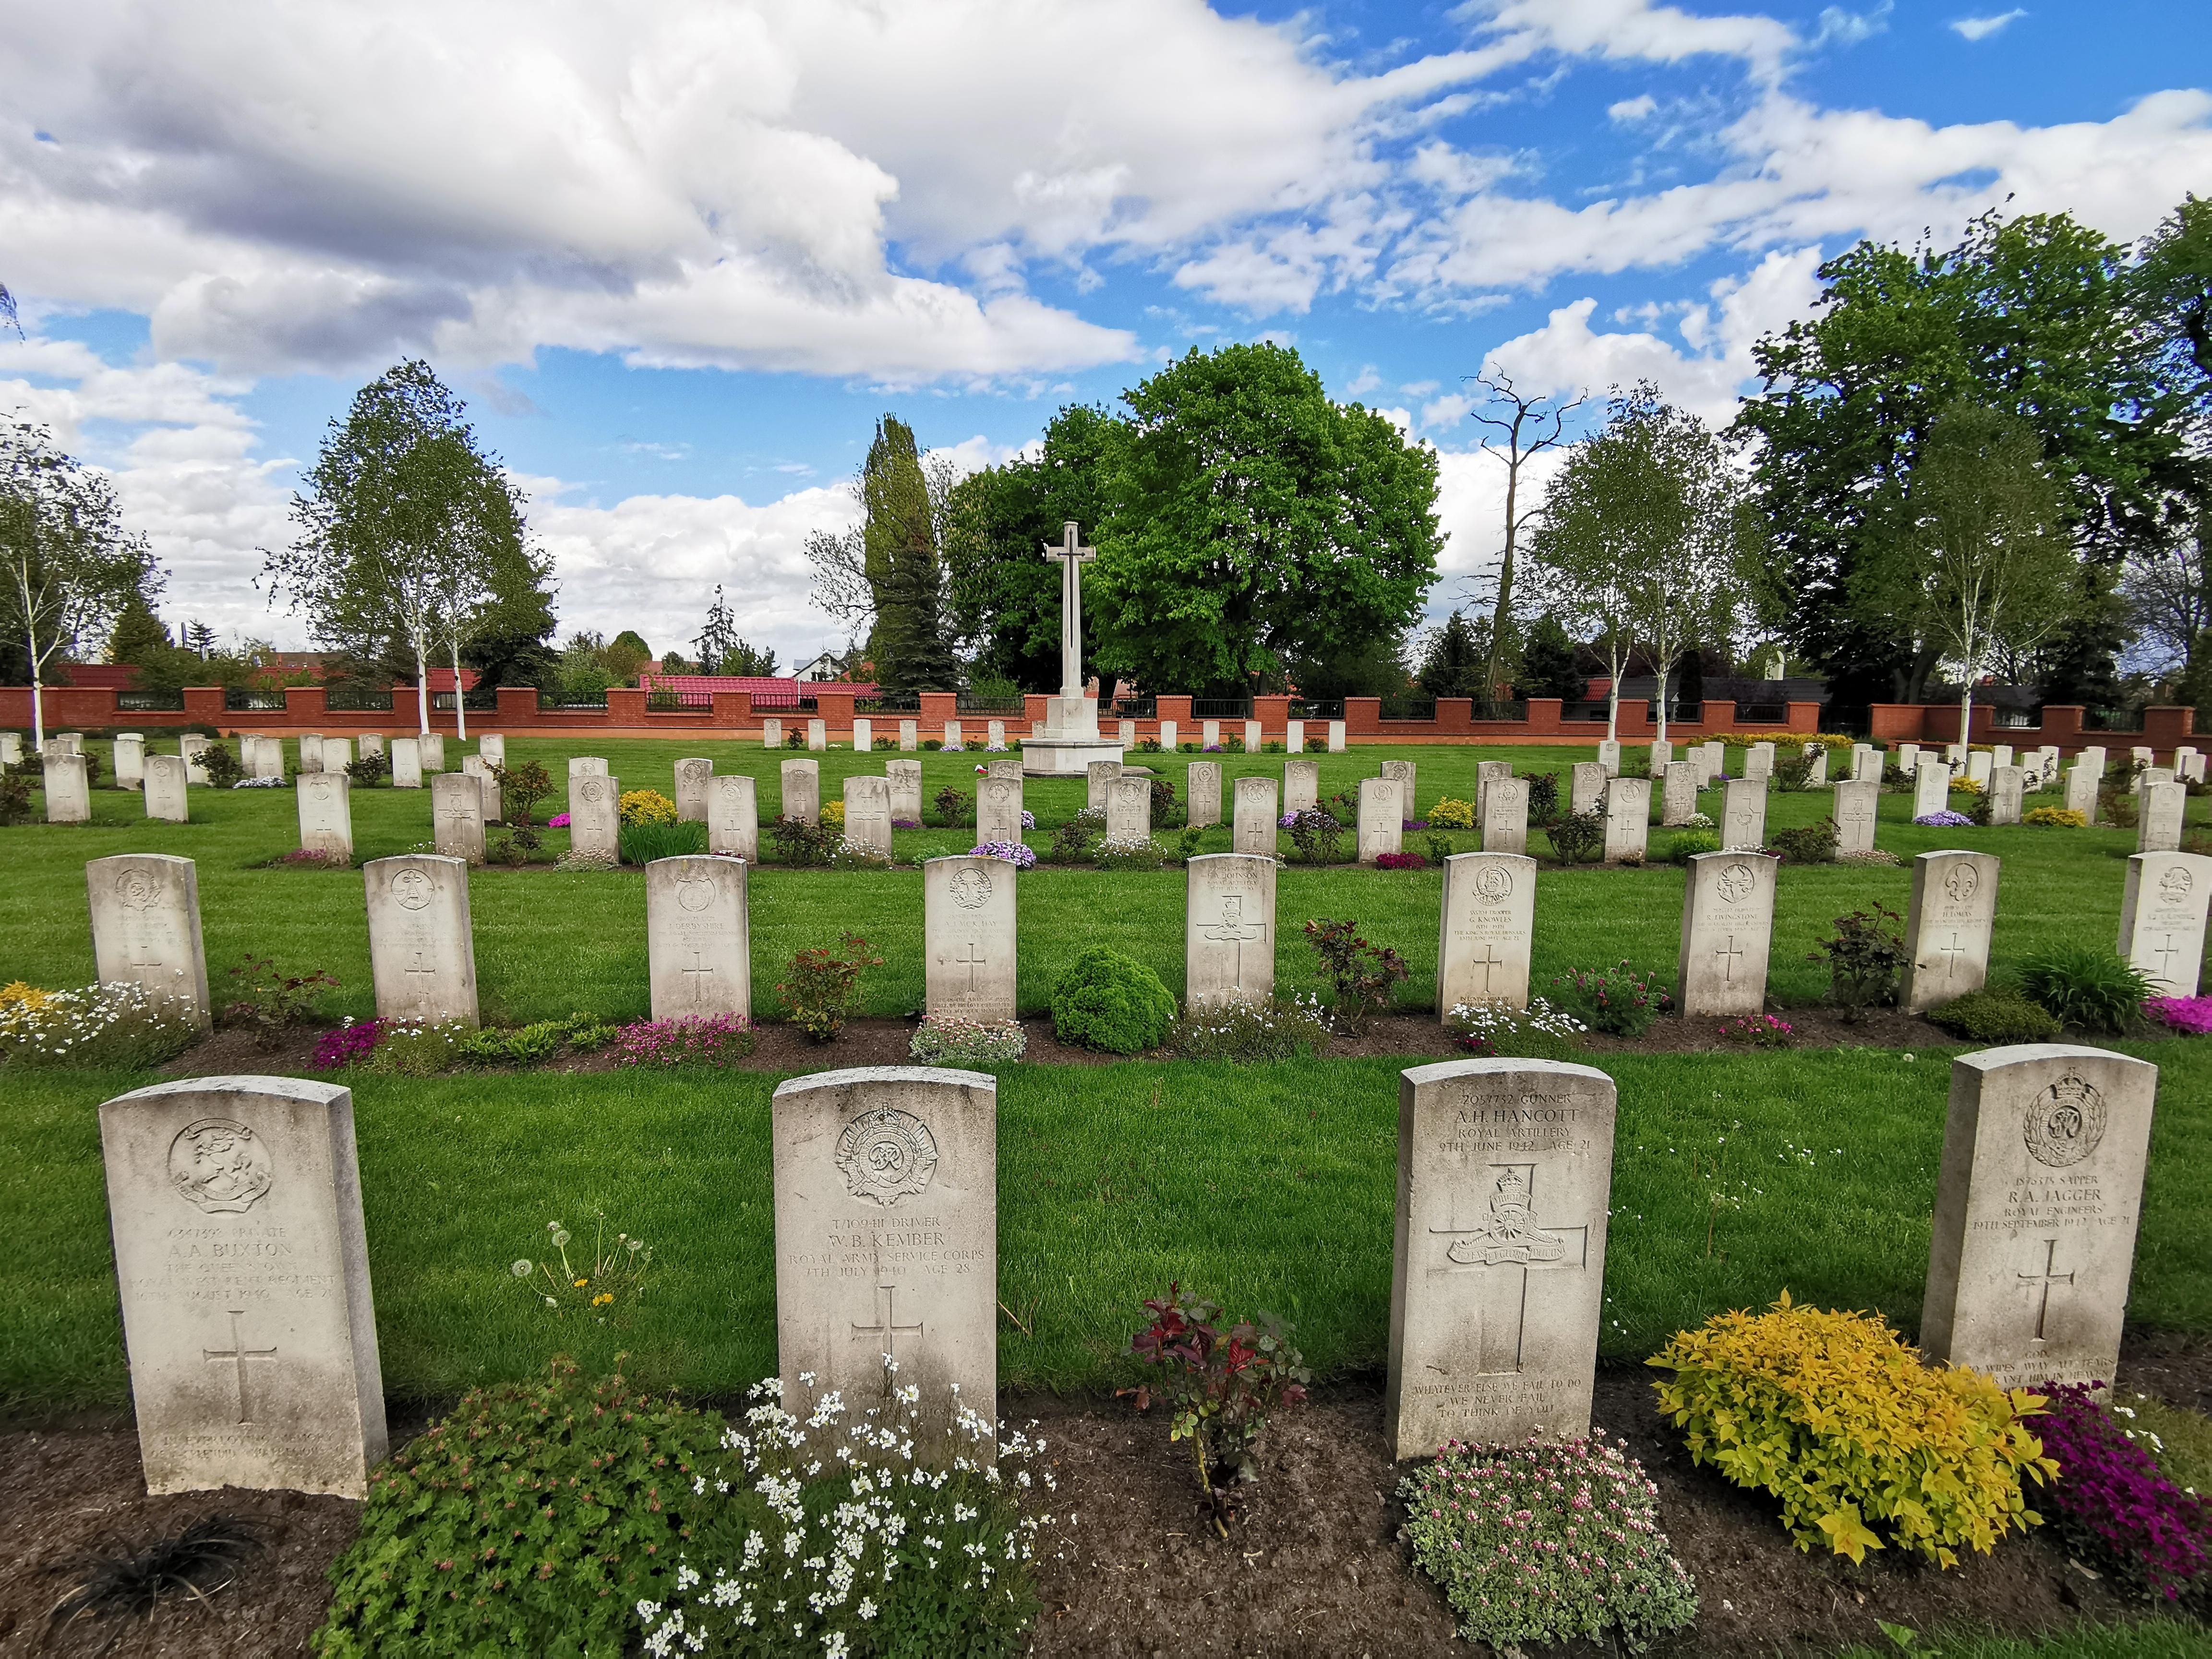 http://m.82-200.pl/2020/05/orig/8-cmentarz-wojenny-zolnierzy-wspolnoty-brytyjskiej-500-lecia-3-5897.jpg